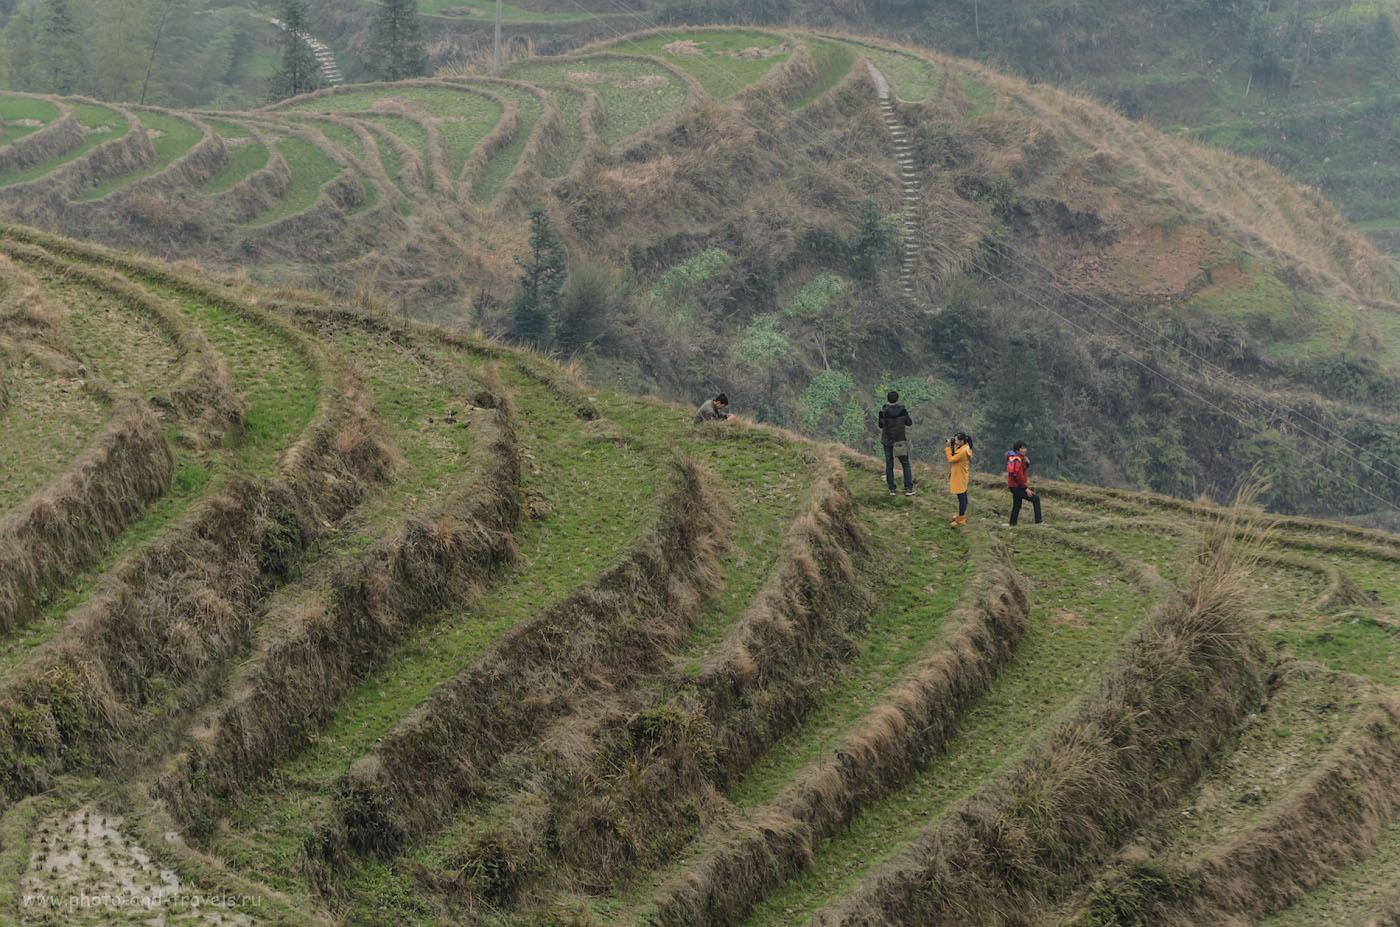 Фото 6. Отдых в Китае. Отзывы о самостоятельном путешествии. Телеобъектив сжимает пространство. Туристы на соседней горе. Рисовые террасы Лонгшэнь